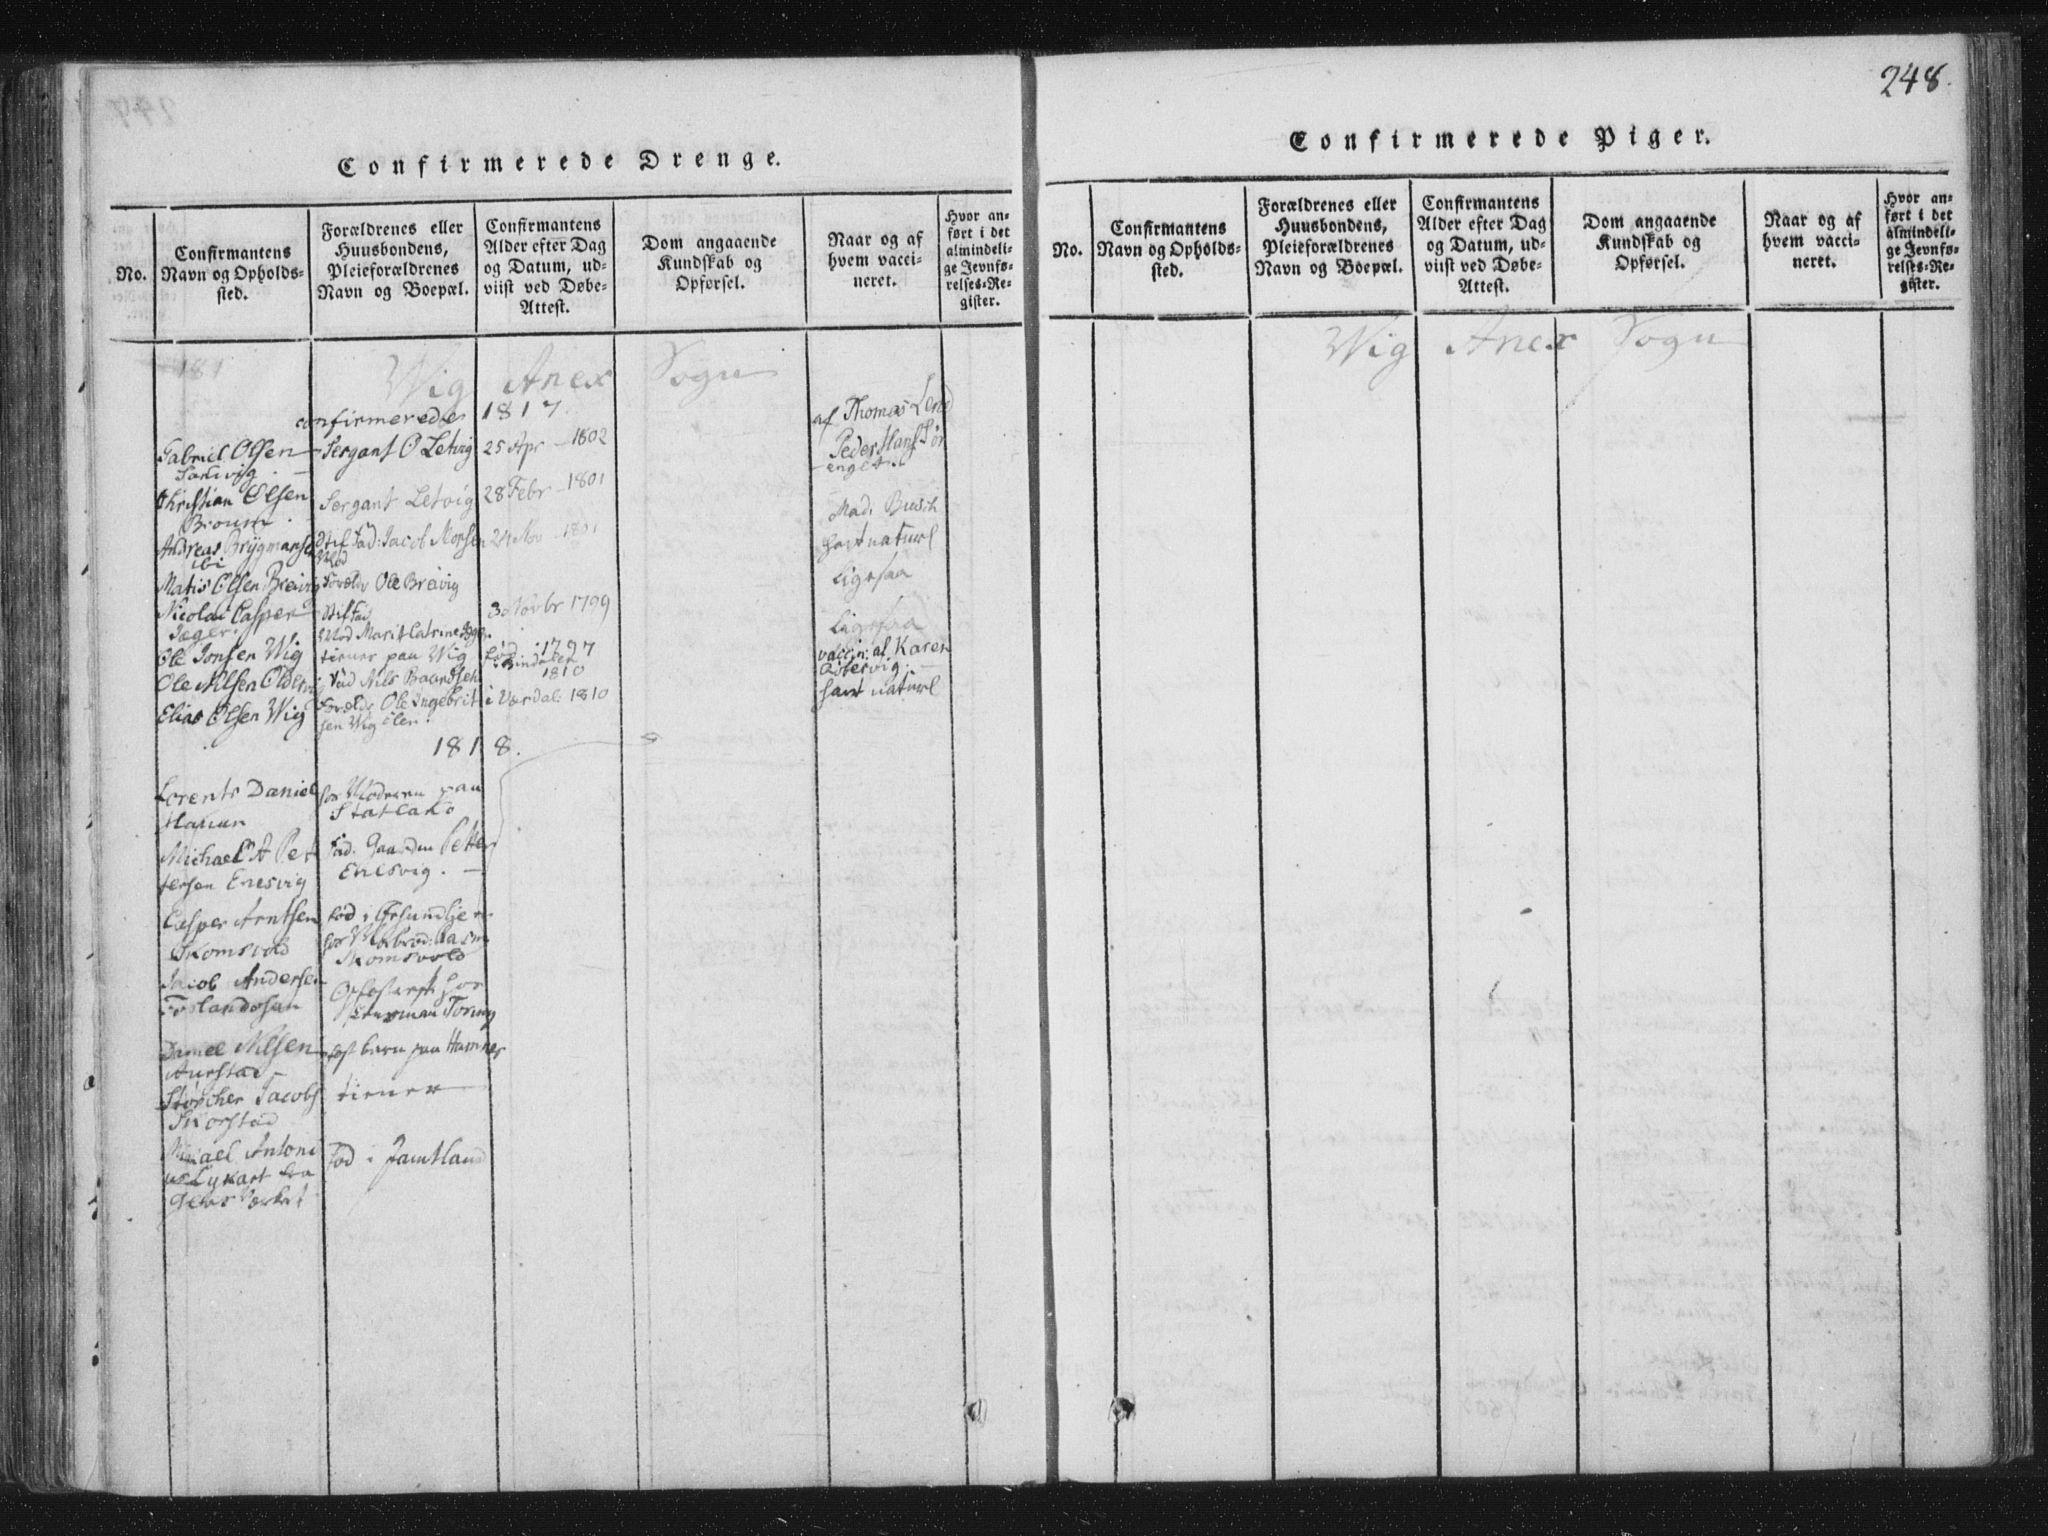 SAT, Ministerialprotokoller, klokkerbøker og fødselsregistre - Nord-Trøndelag, 773/L0609: Ministerialbok nr. 773A03 /2, 1815-1830, s. 248